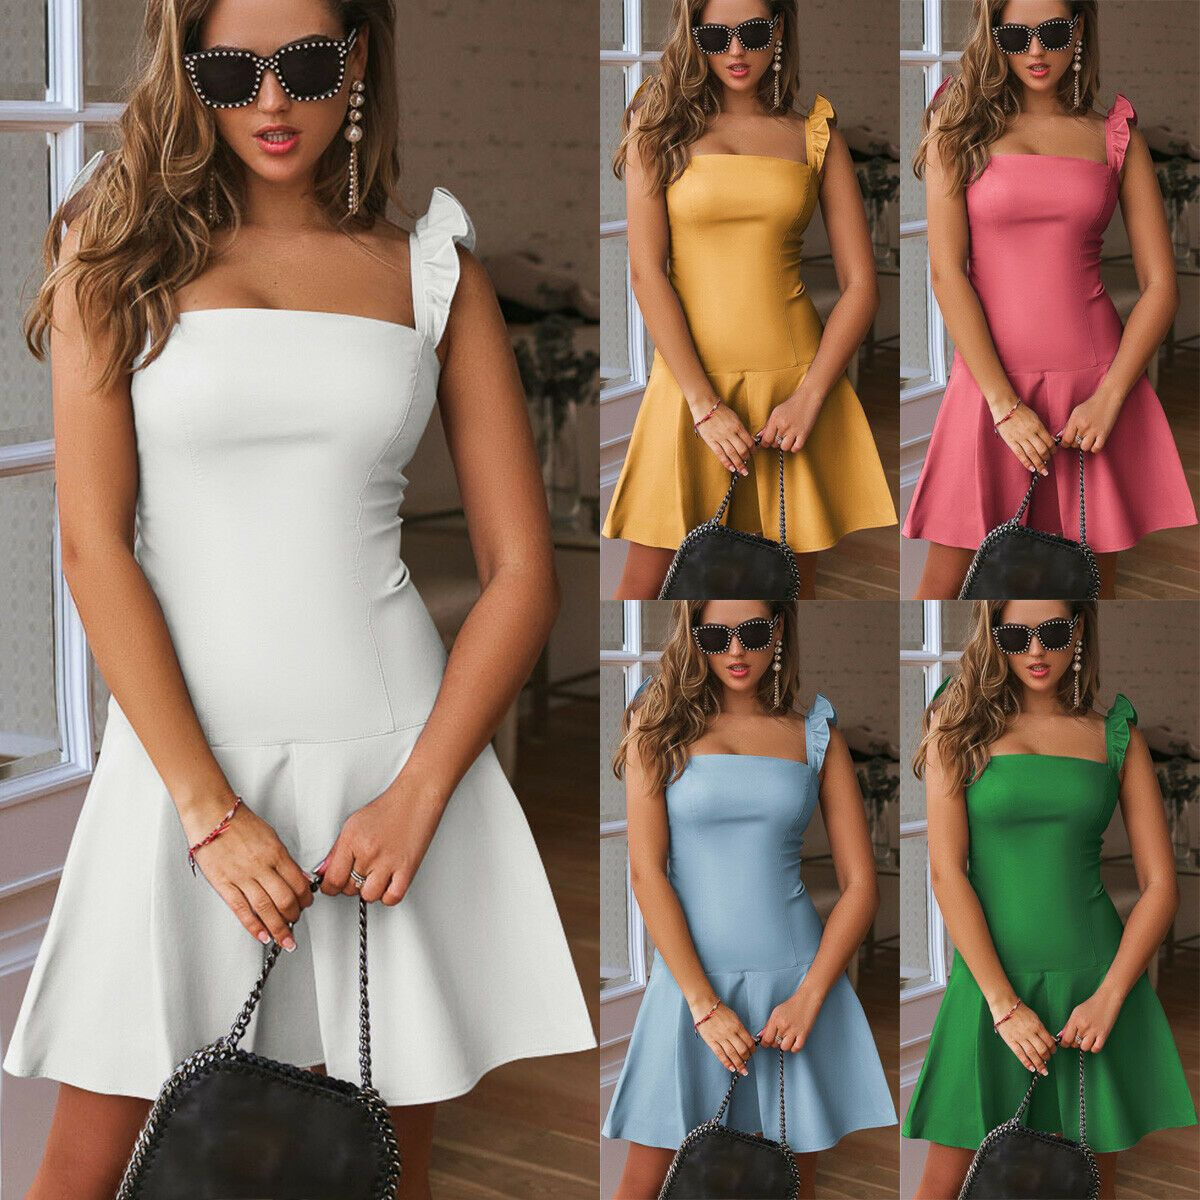 20 Cool Mini Kleider Festlich GalerieDesigner Fantastisch Mini Kleider Festlich für 2019